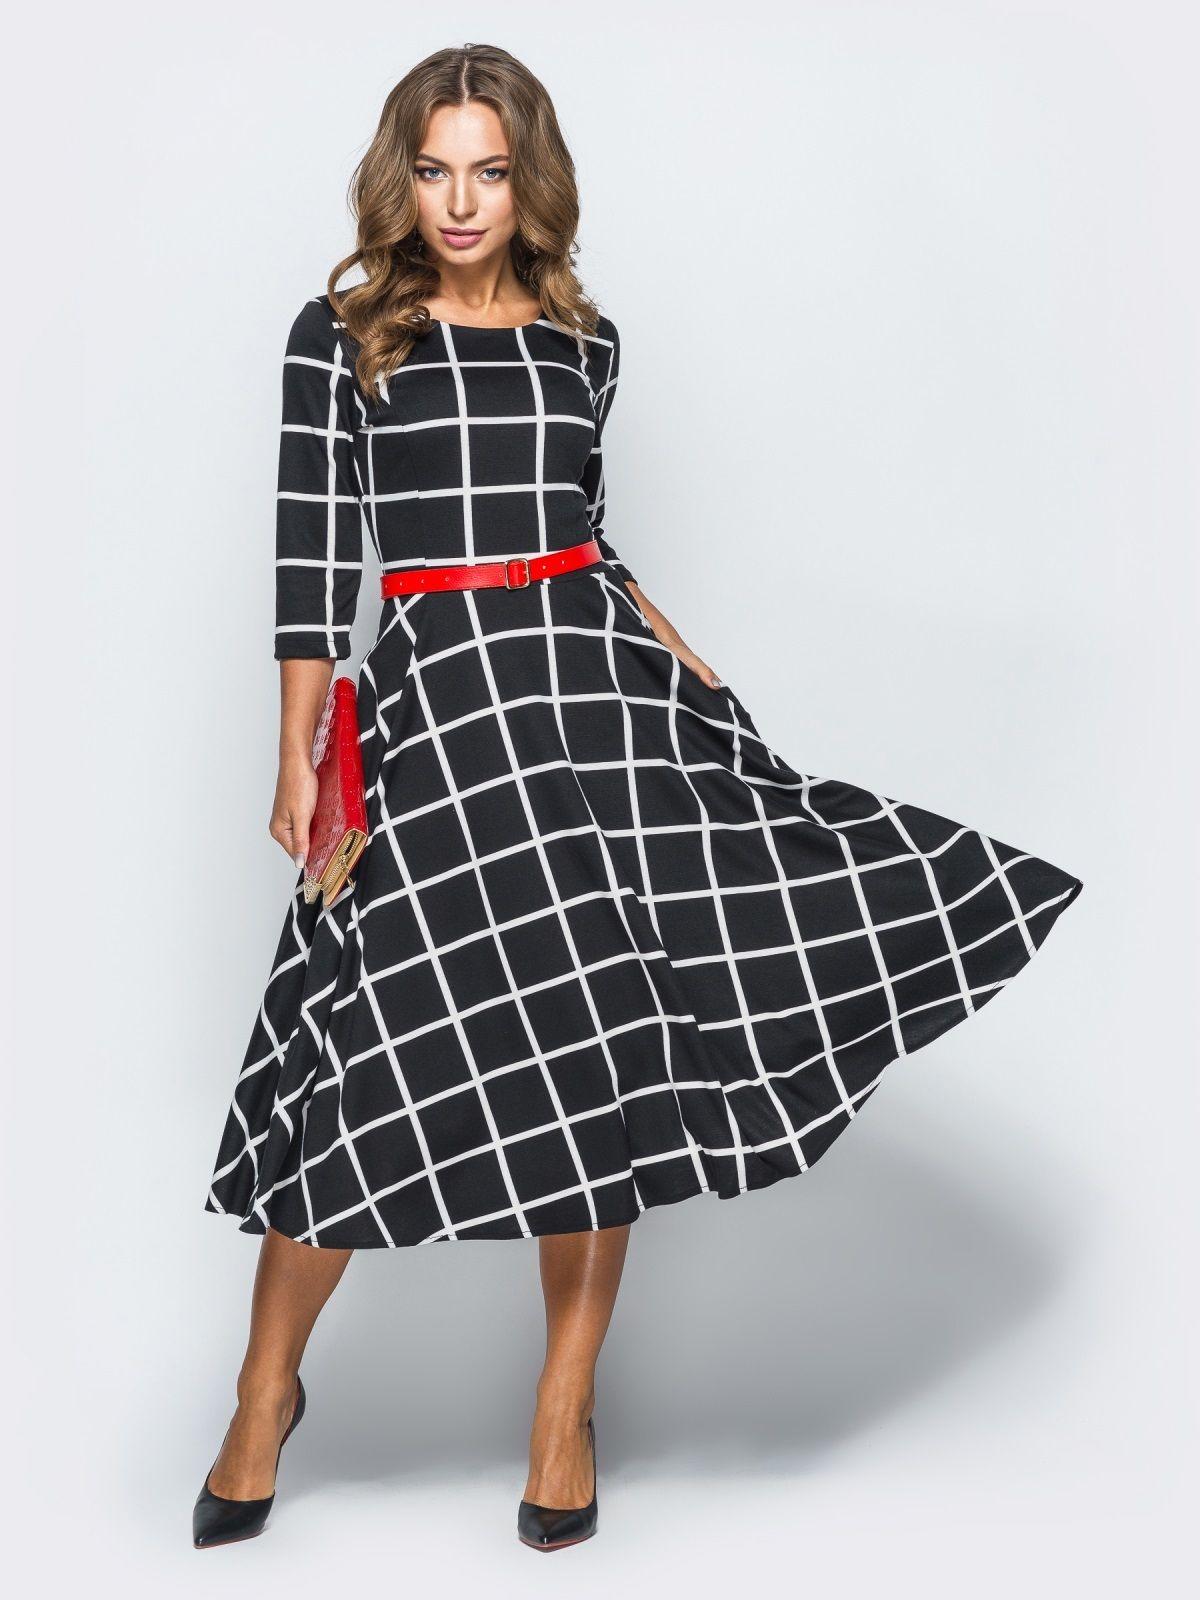 469a1326f8b95d Елегантне плаття-міді в клітку - 67466 | goods ...ukr in 2019 | Midi ...